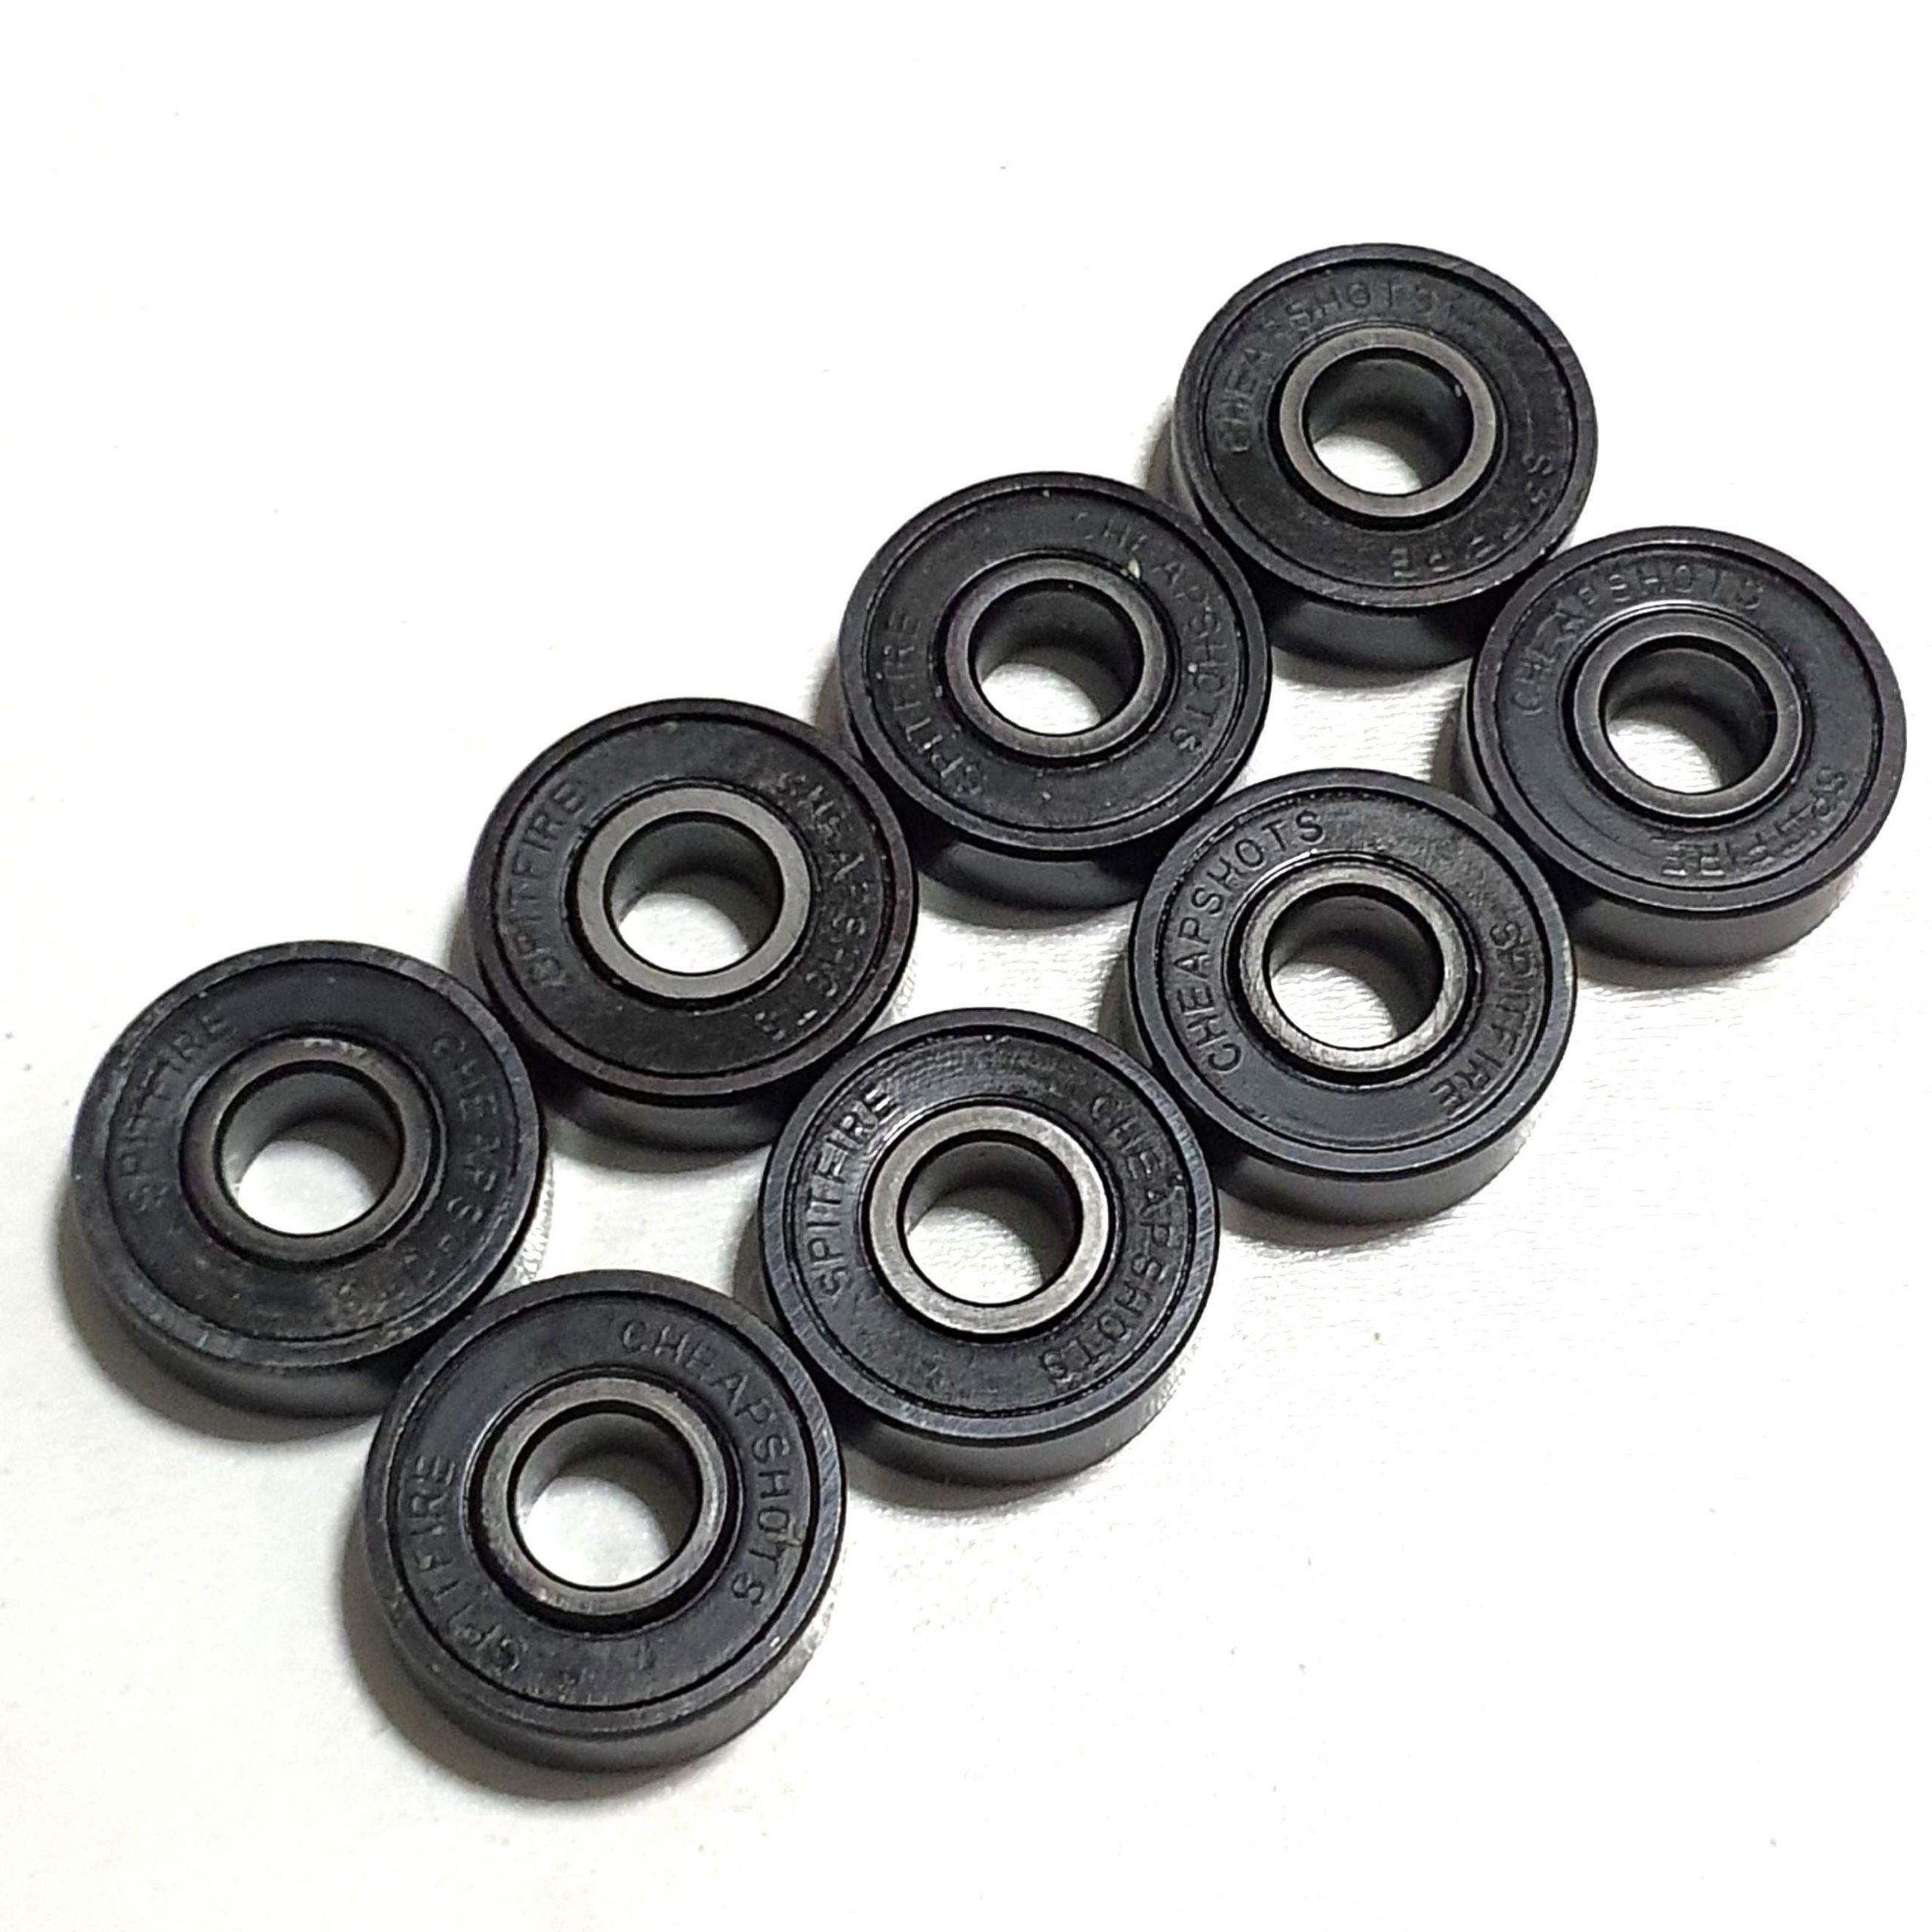 Spitfire Cheapshot Skateboard Bearings 8 Pack